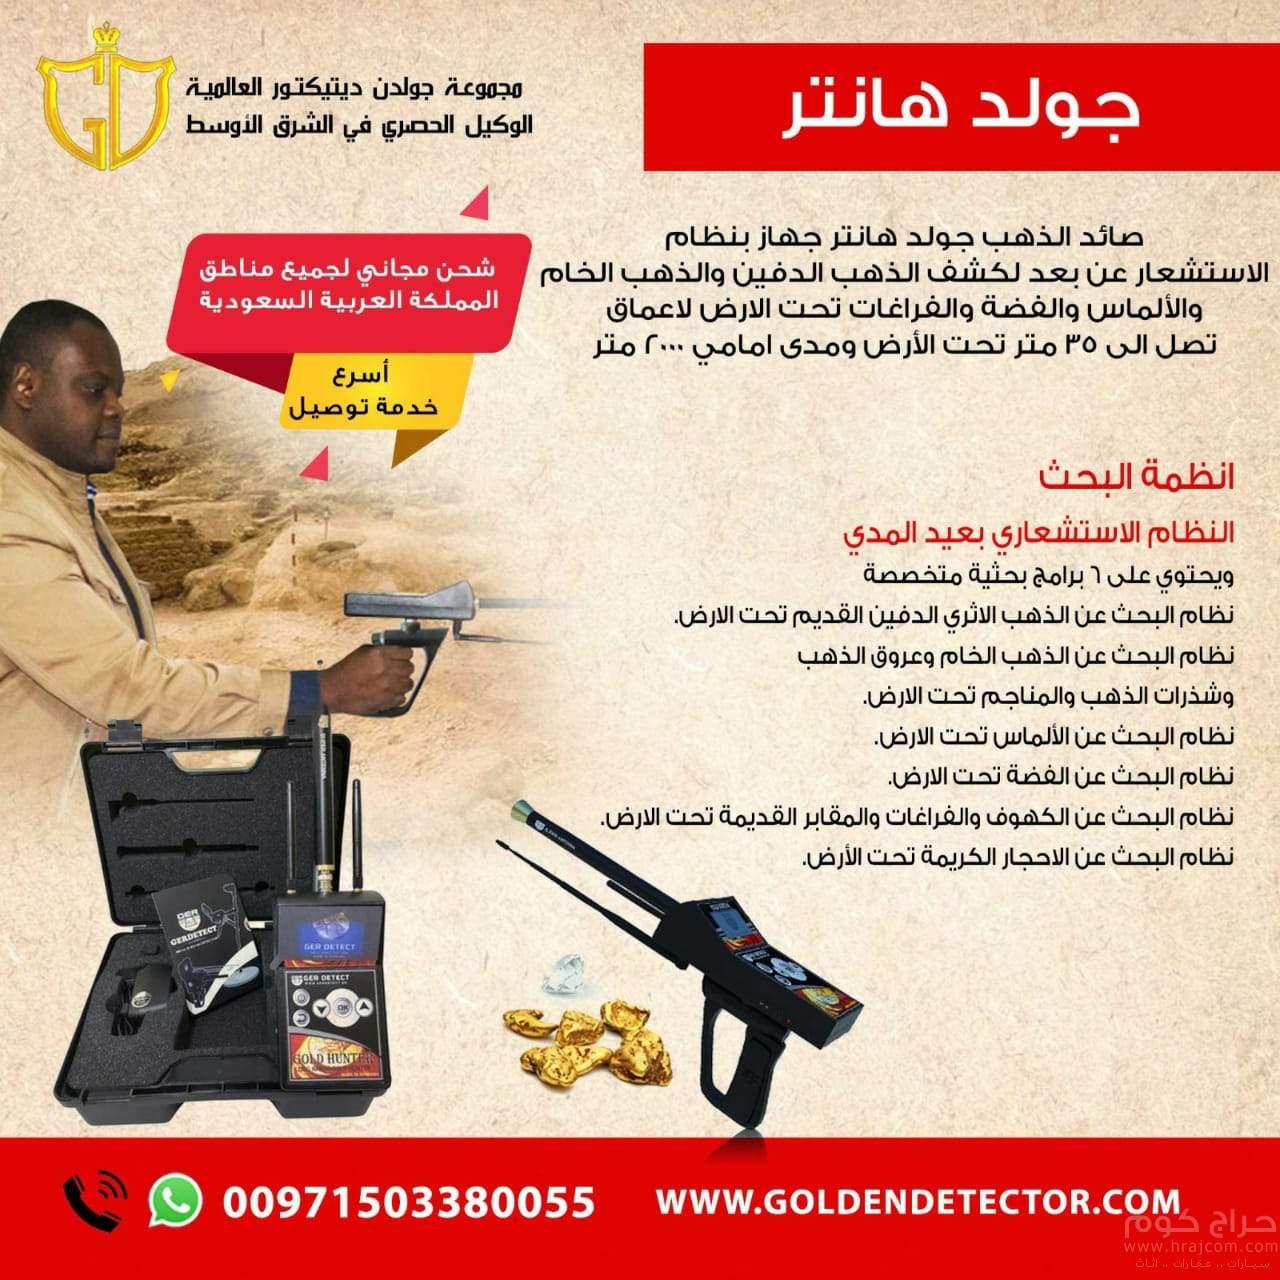 جهاز كشف الذهب والكنوز جولد هانتر | gold hunter